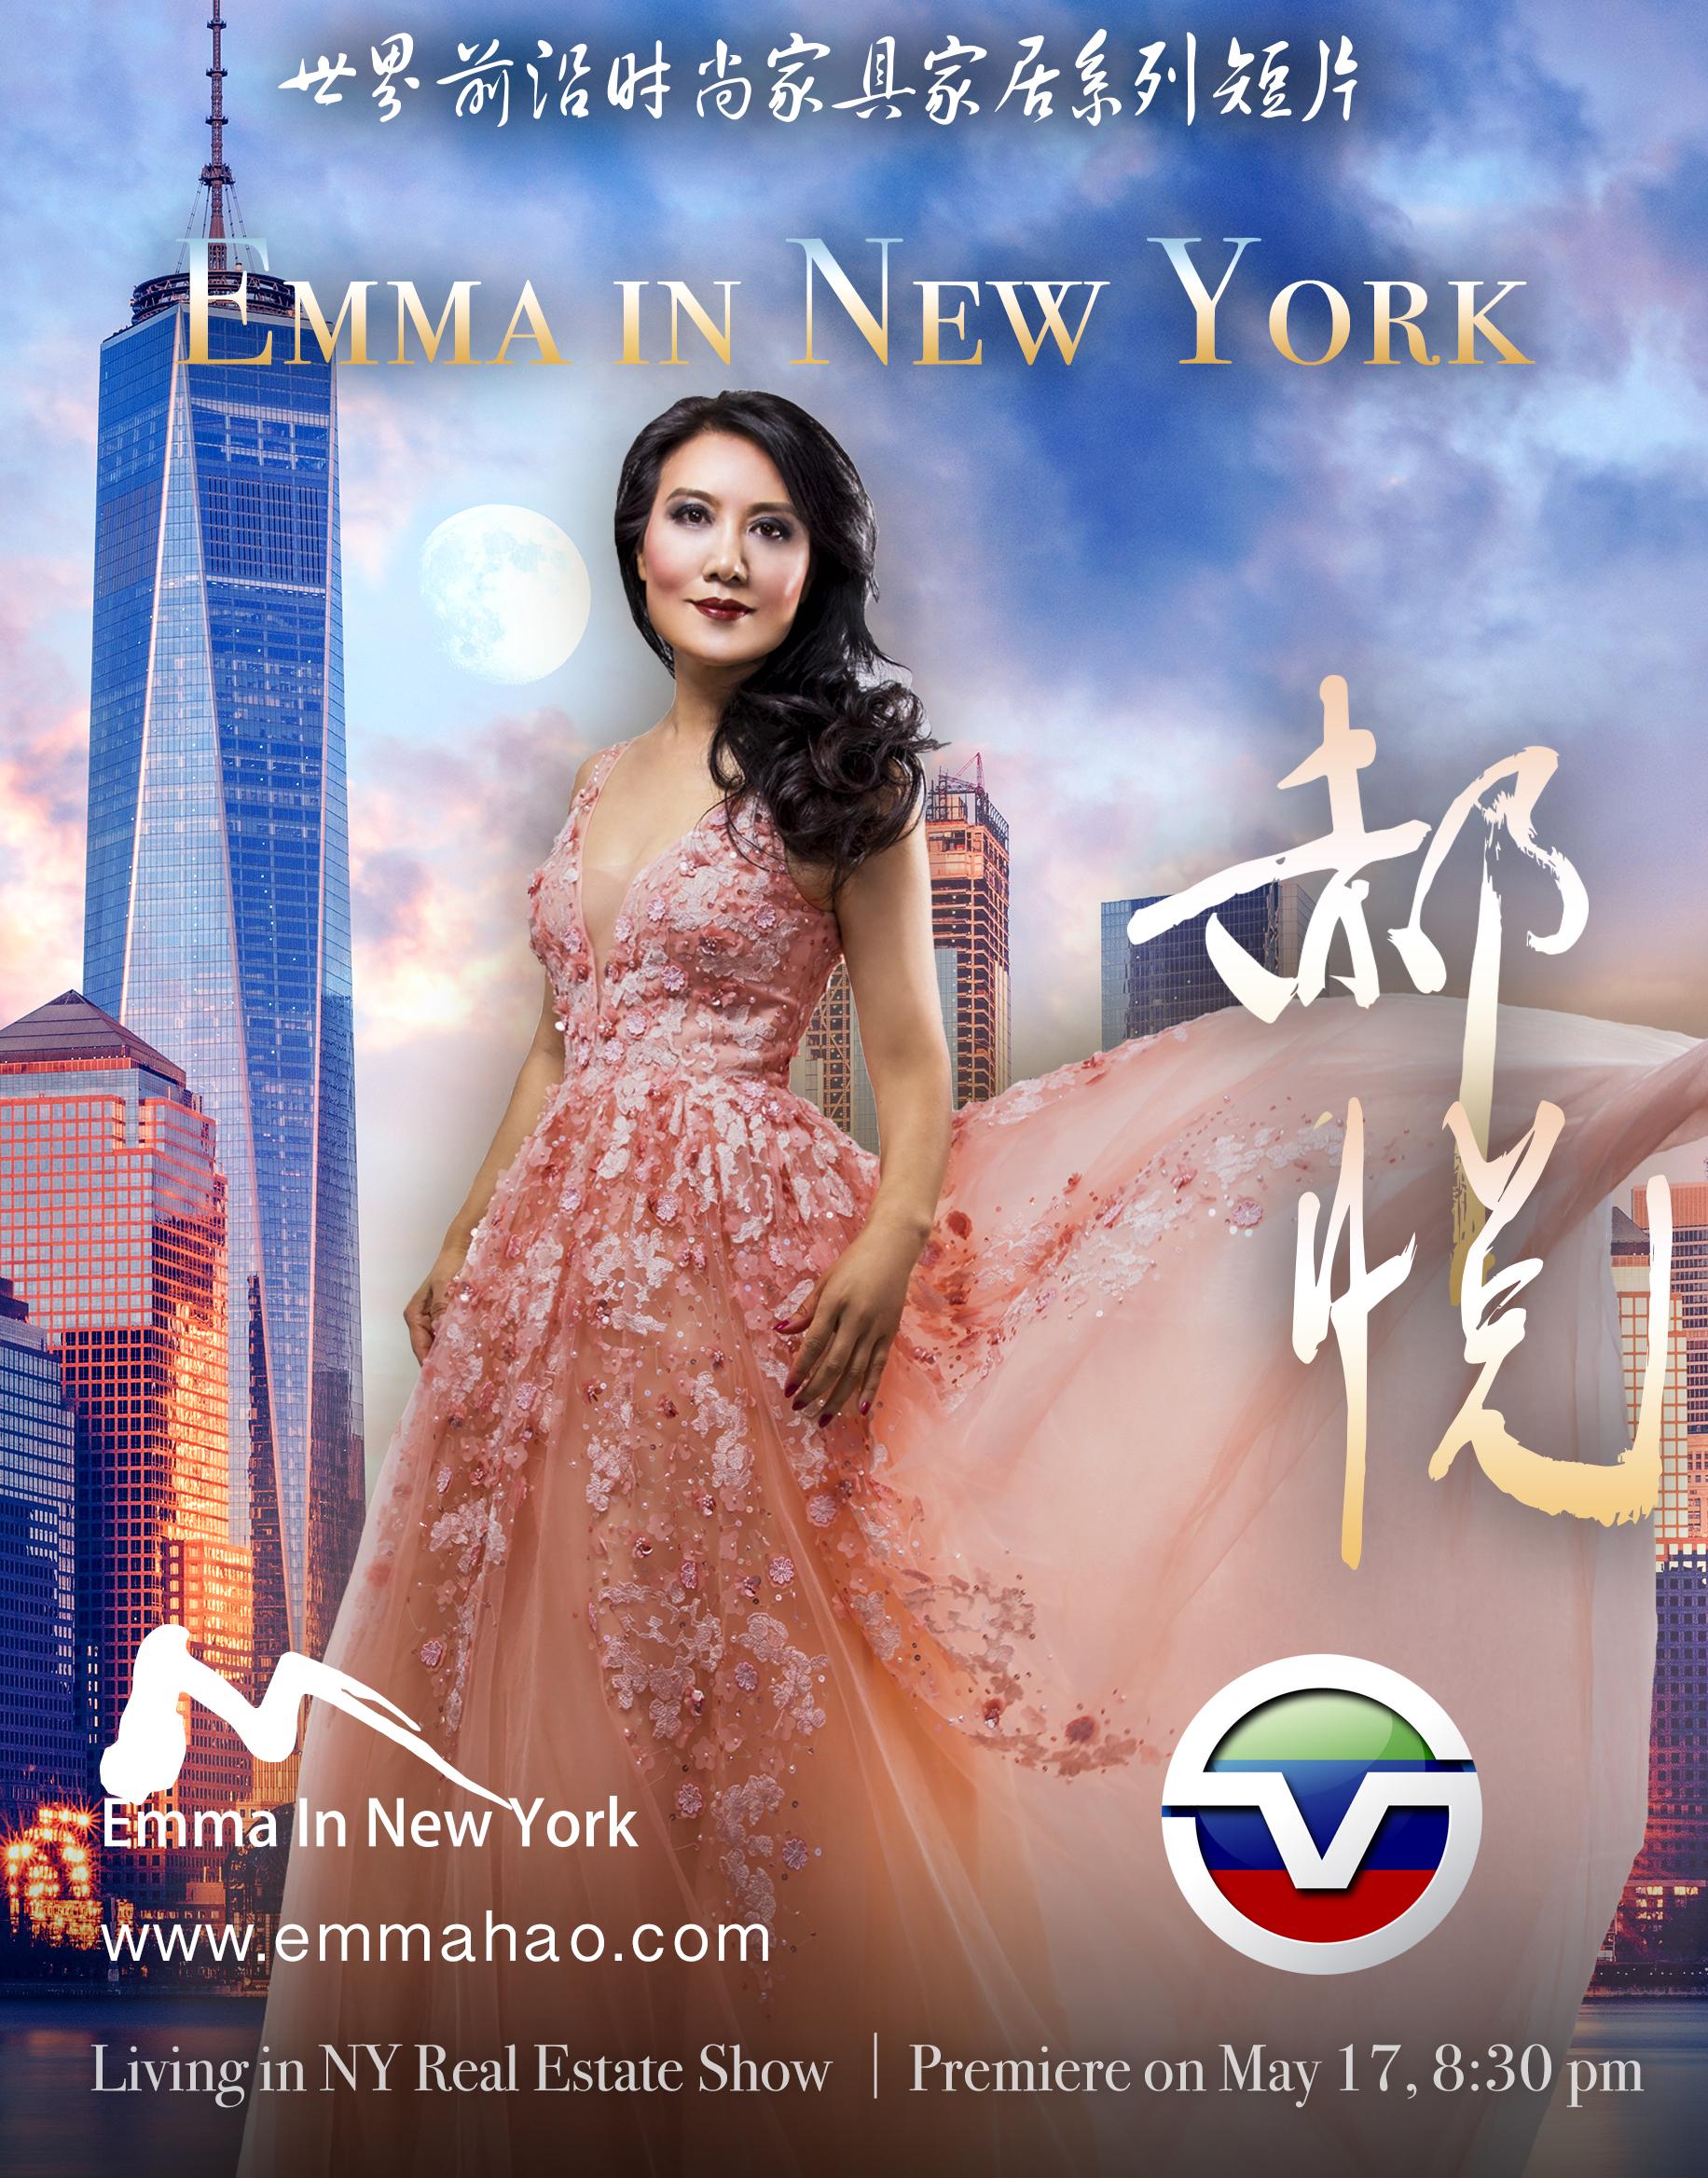 【视频】纽约名人地产经纪Emma在纽约栏目5月17日开播